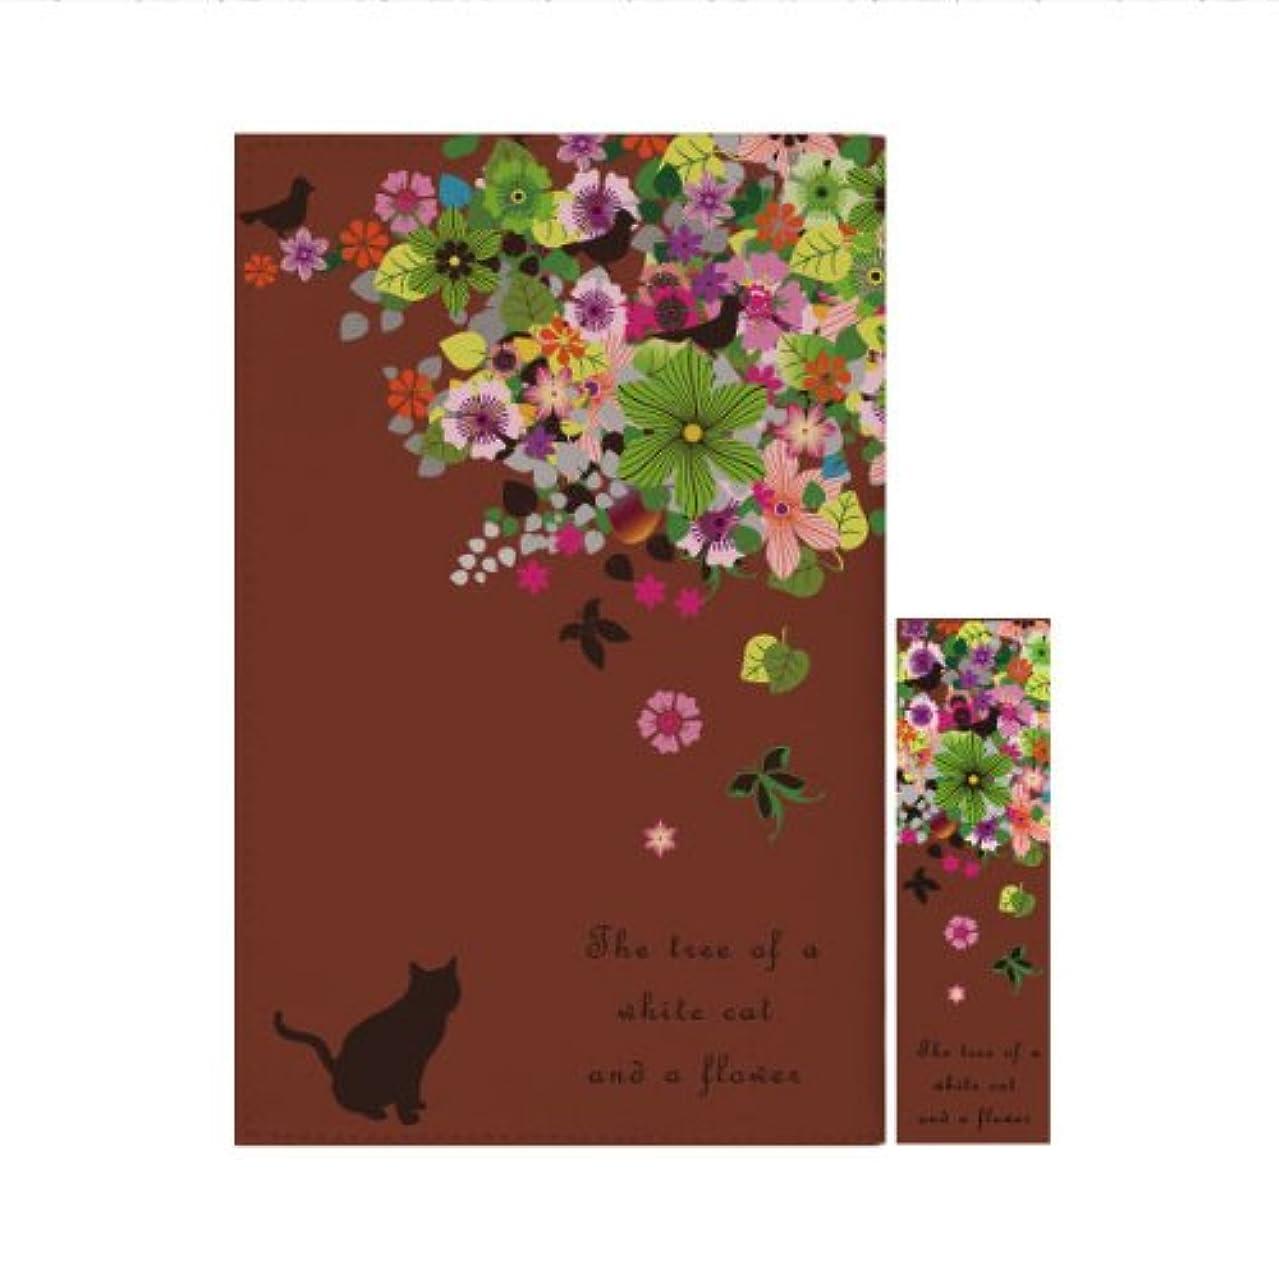 ジョブリマーク専門用語ブックカバー コミック判 コミック 撥水機能 しおり付き 1878黒猫と花の木 ブラウン